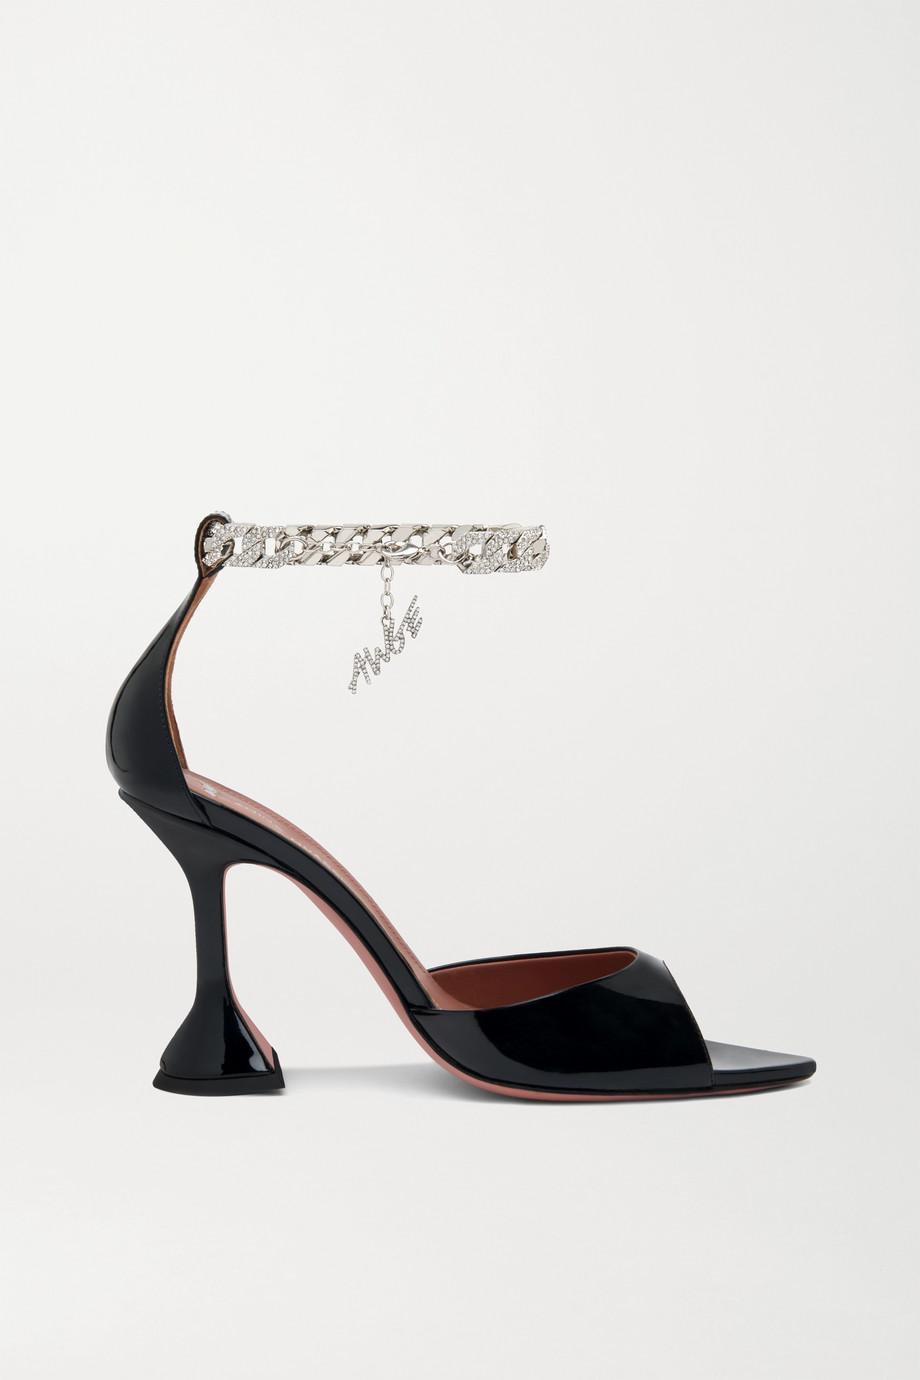 """Amina Muaddi x AWGE """"Flacko"""" 链条缀饰漆皮凉鞋"""